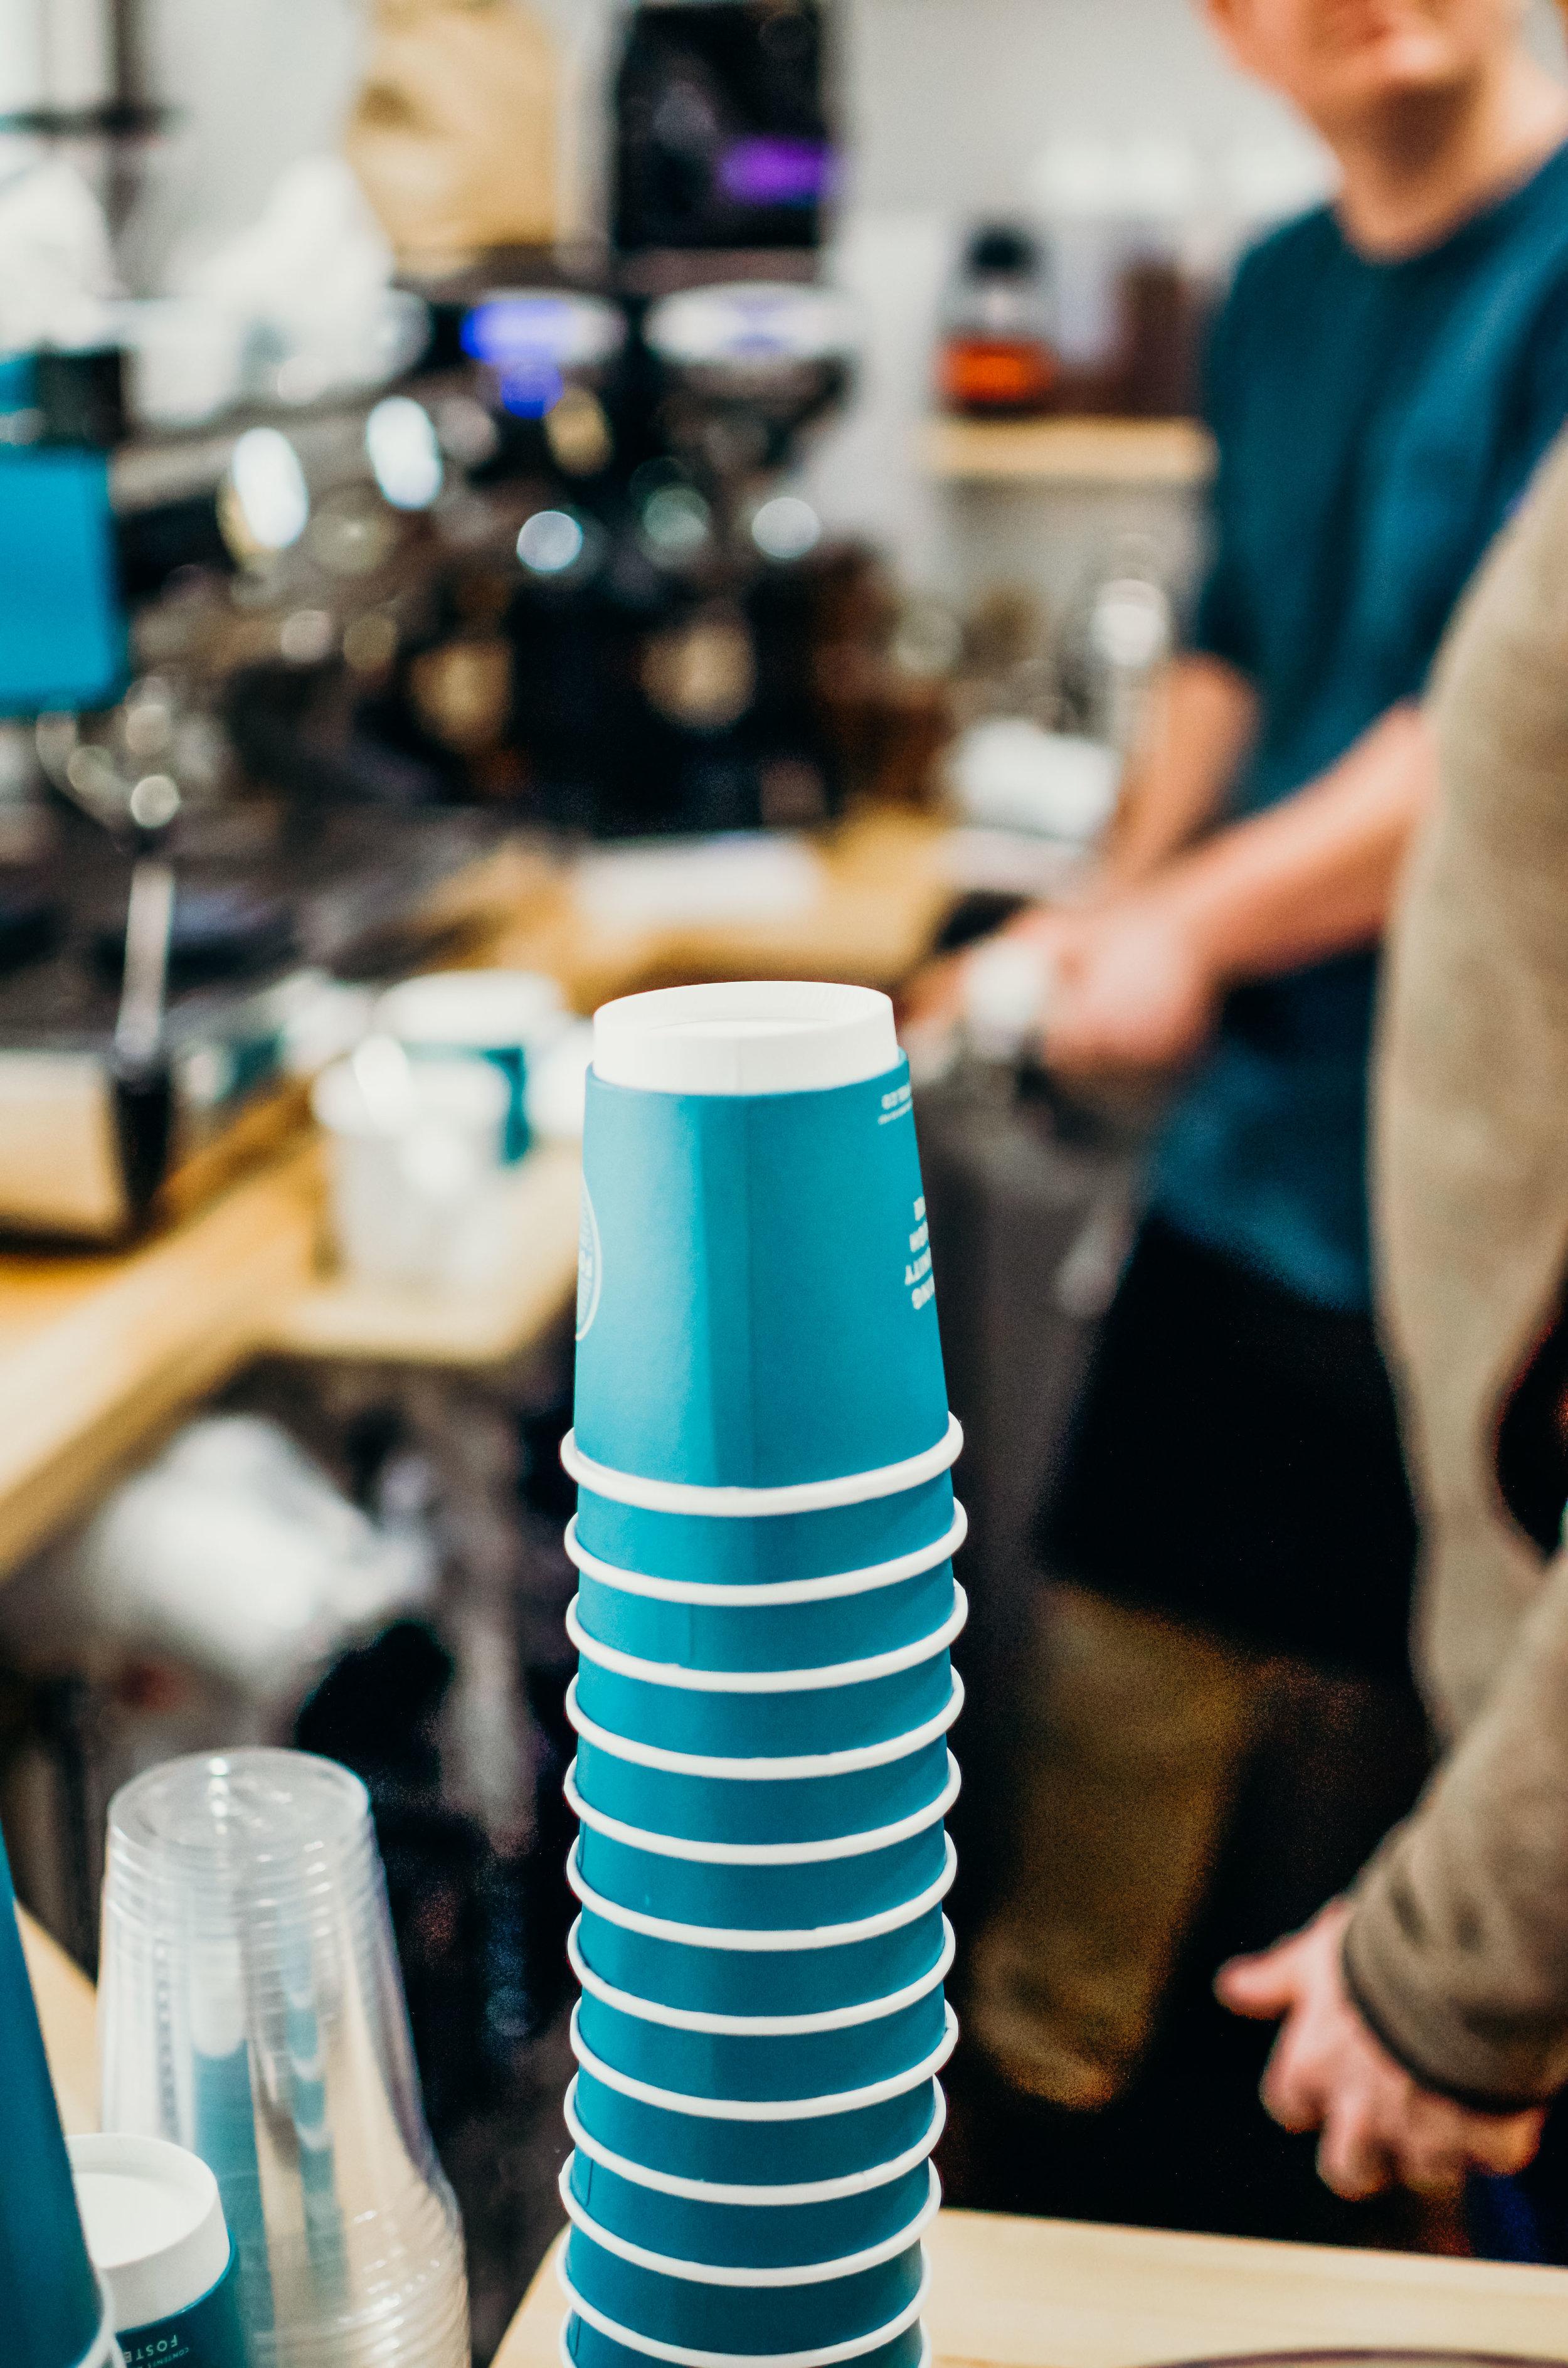 Wendling_Boyd_Foster_Flint_Fwrd_Coffee_Shop-19.jpg